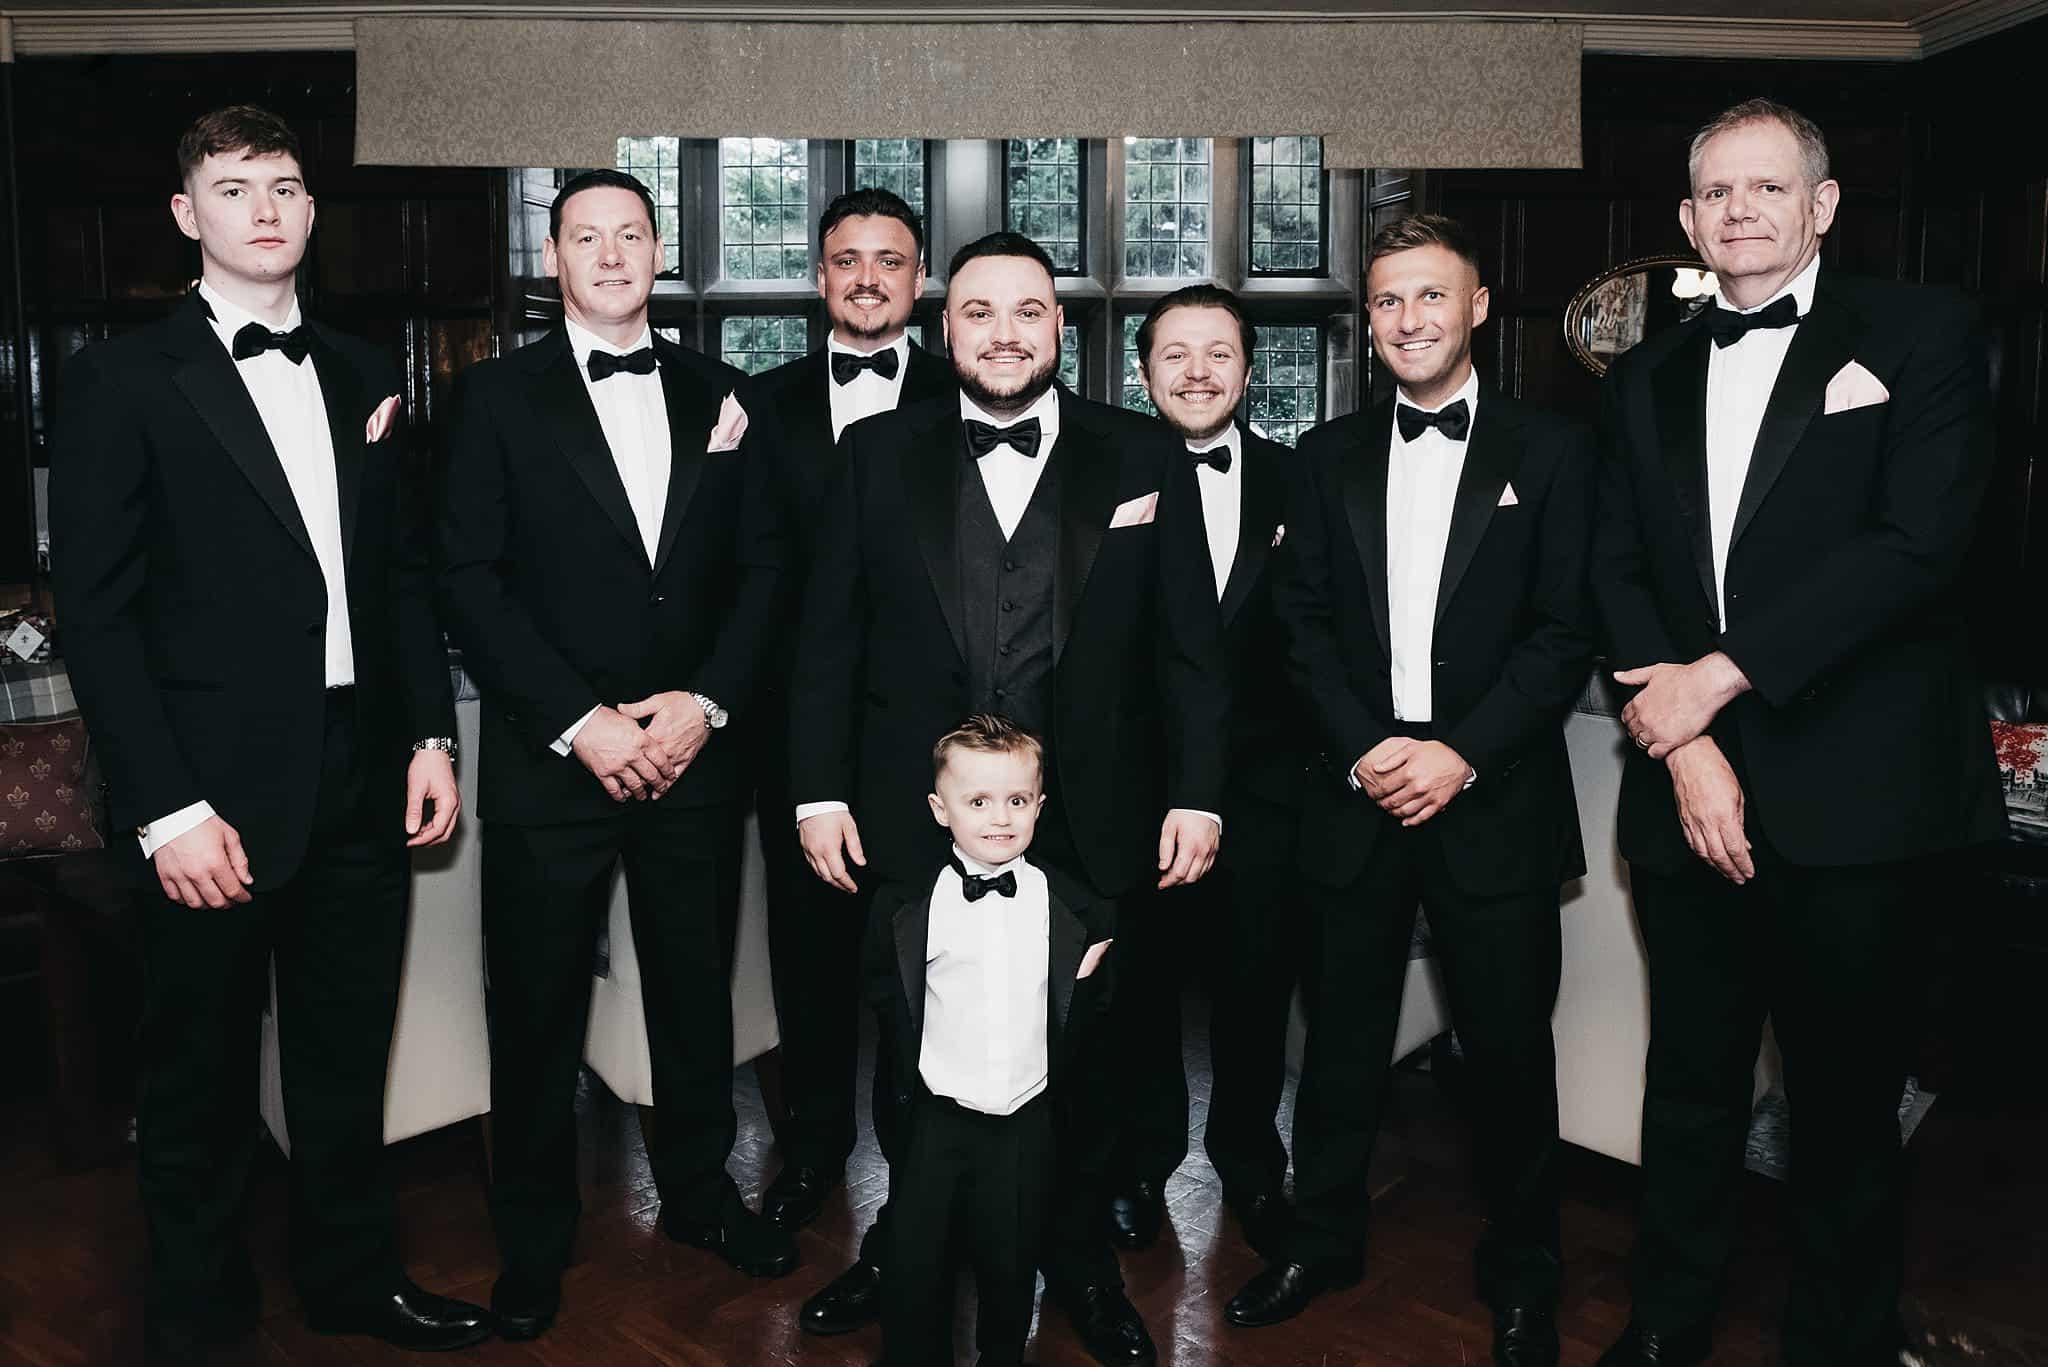 group shot of groomsmen wearing black tux